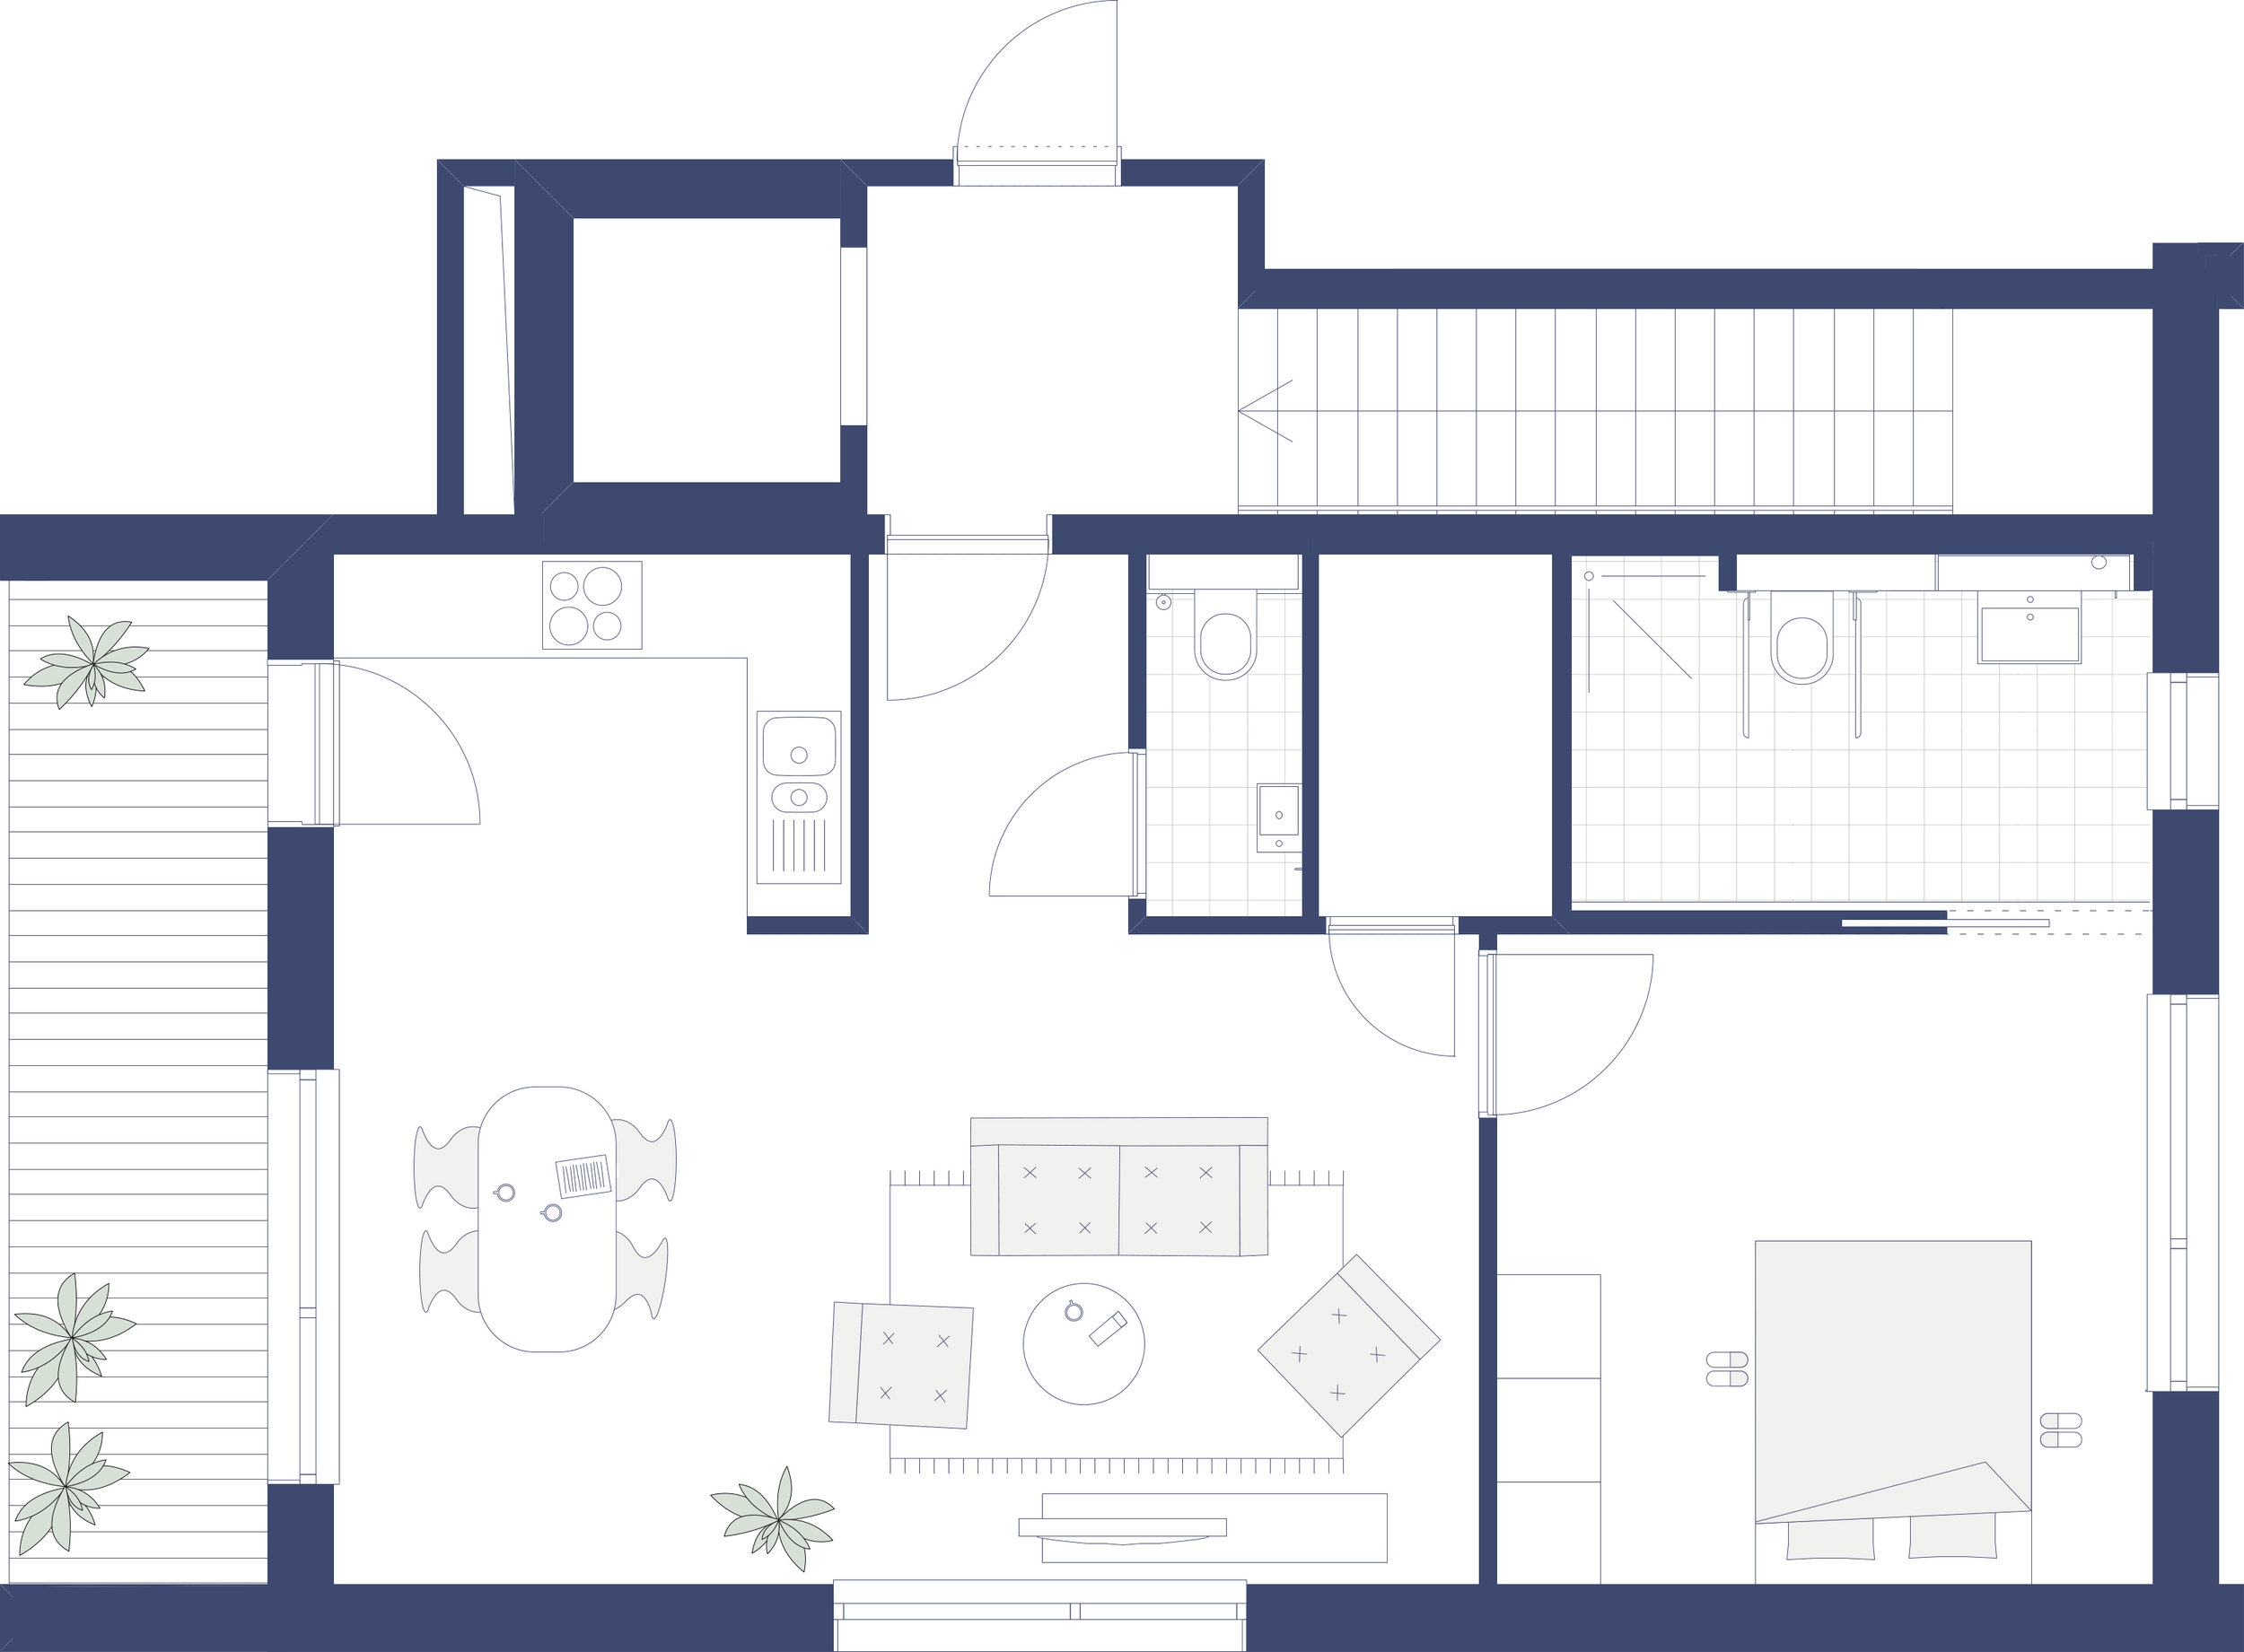 woning op de eerste verdieping aan de straatzijde - toegang via lift of trap